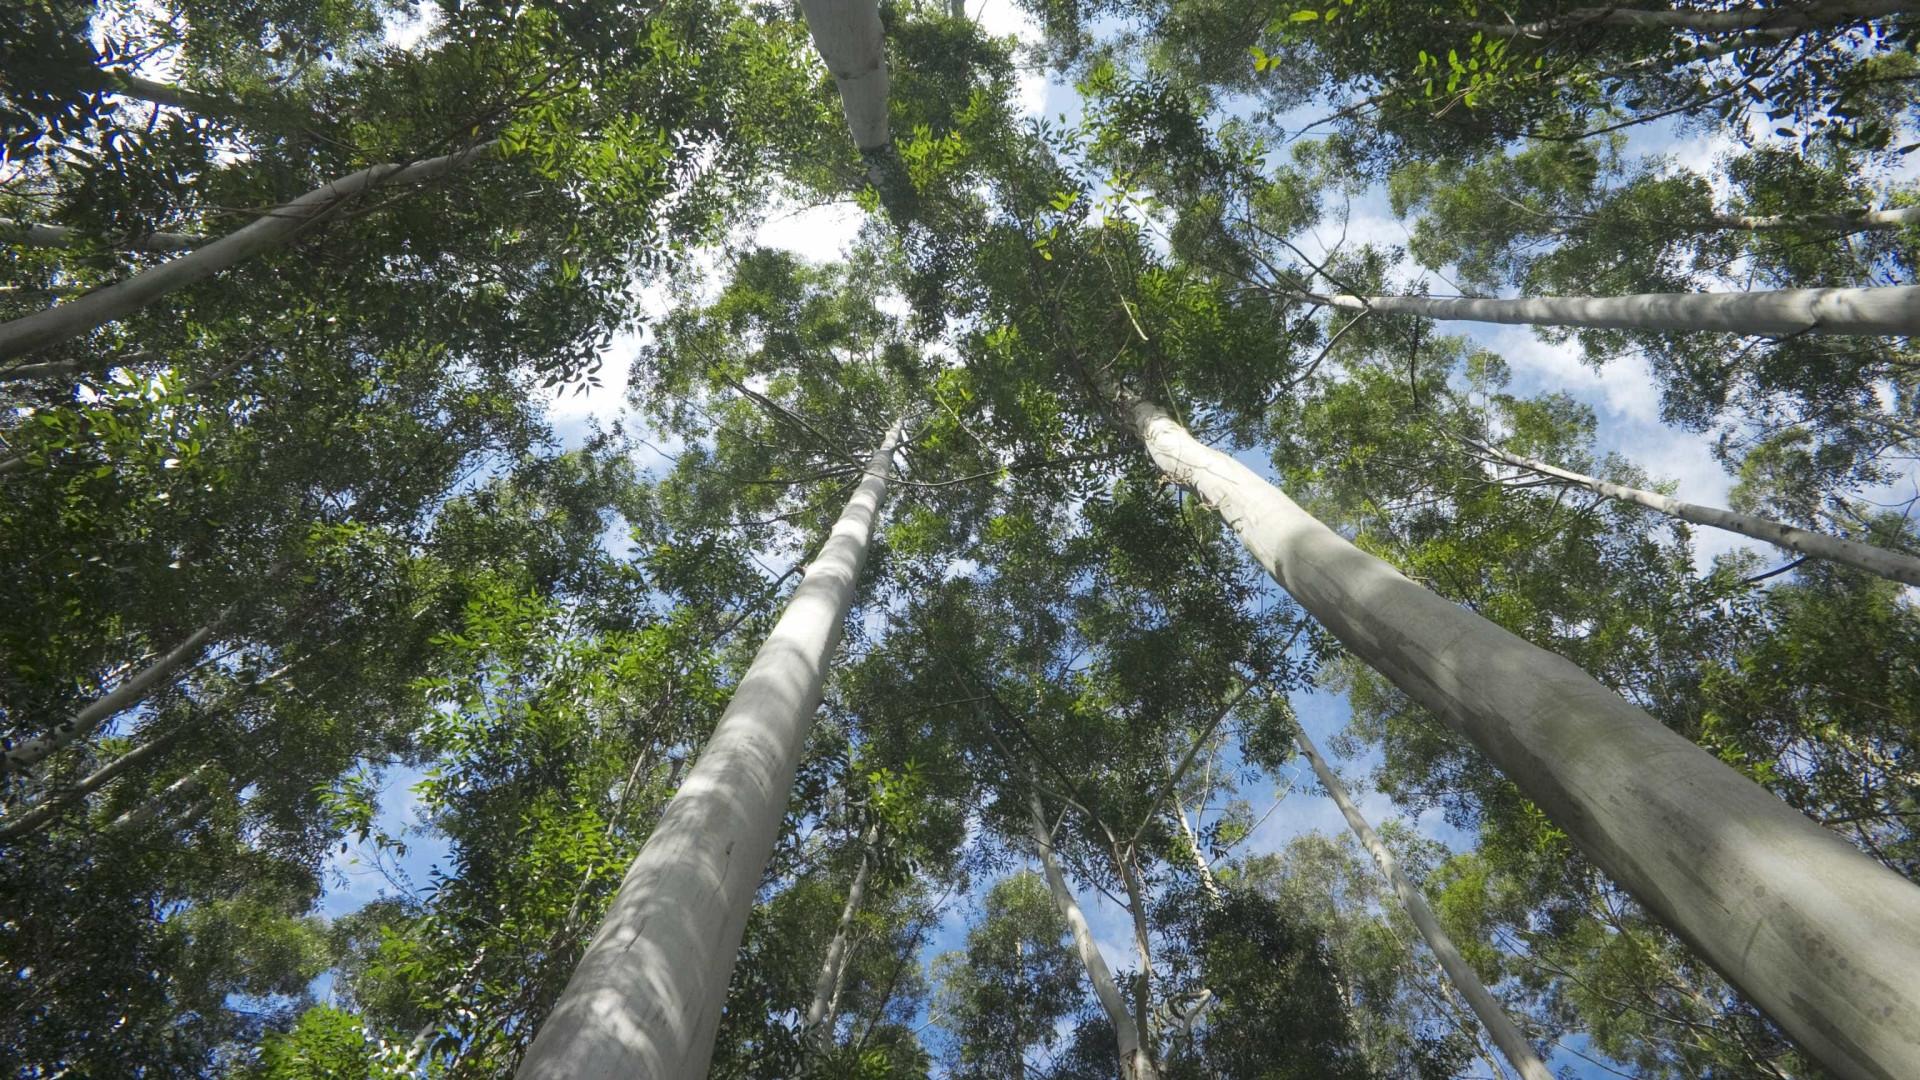 Ambientalistas enaltecem limitação de eucaliptais na reforma florestal